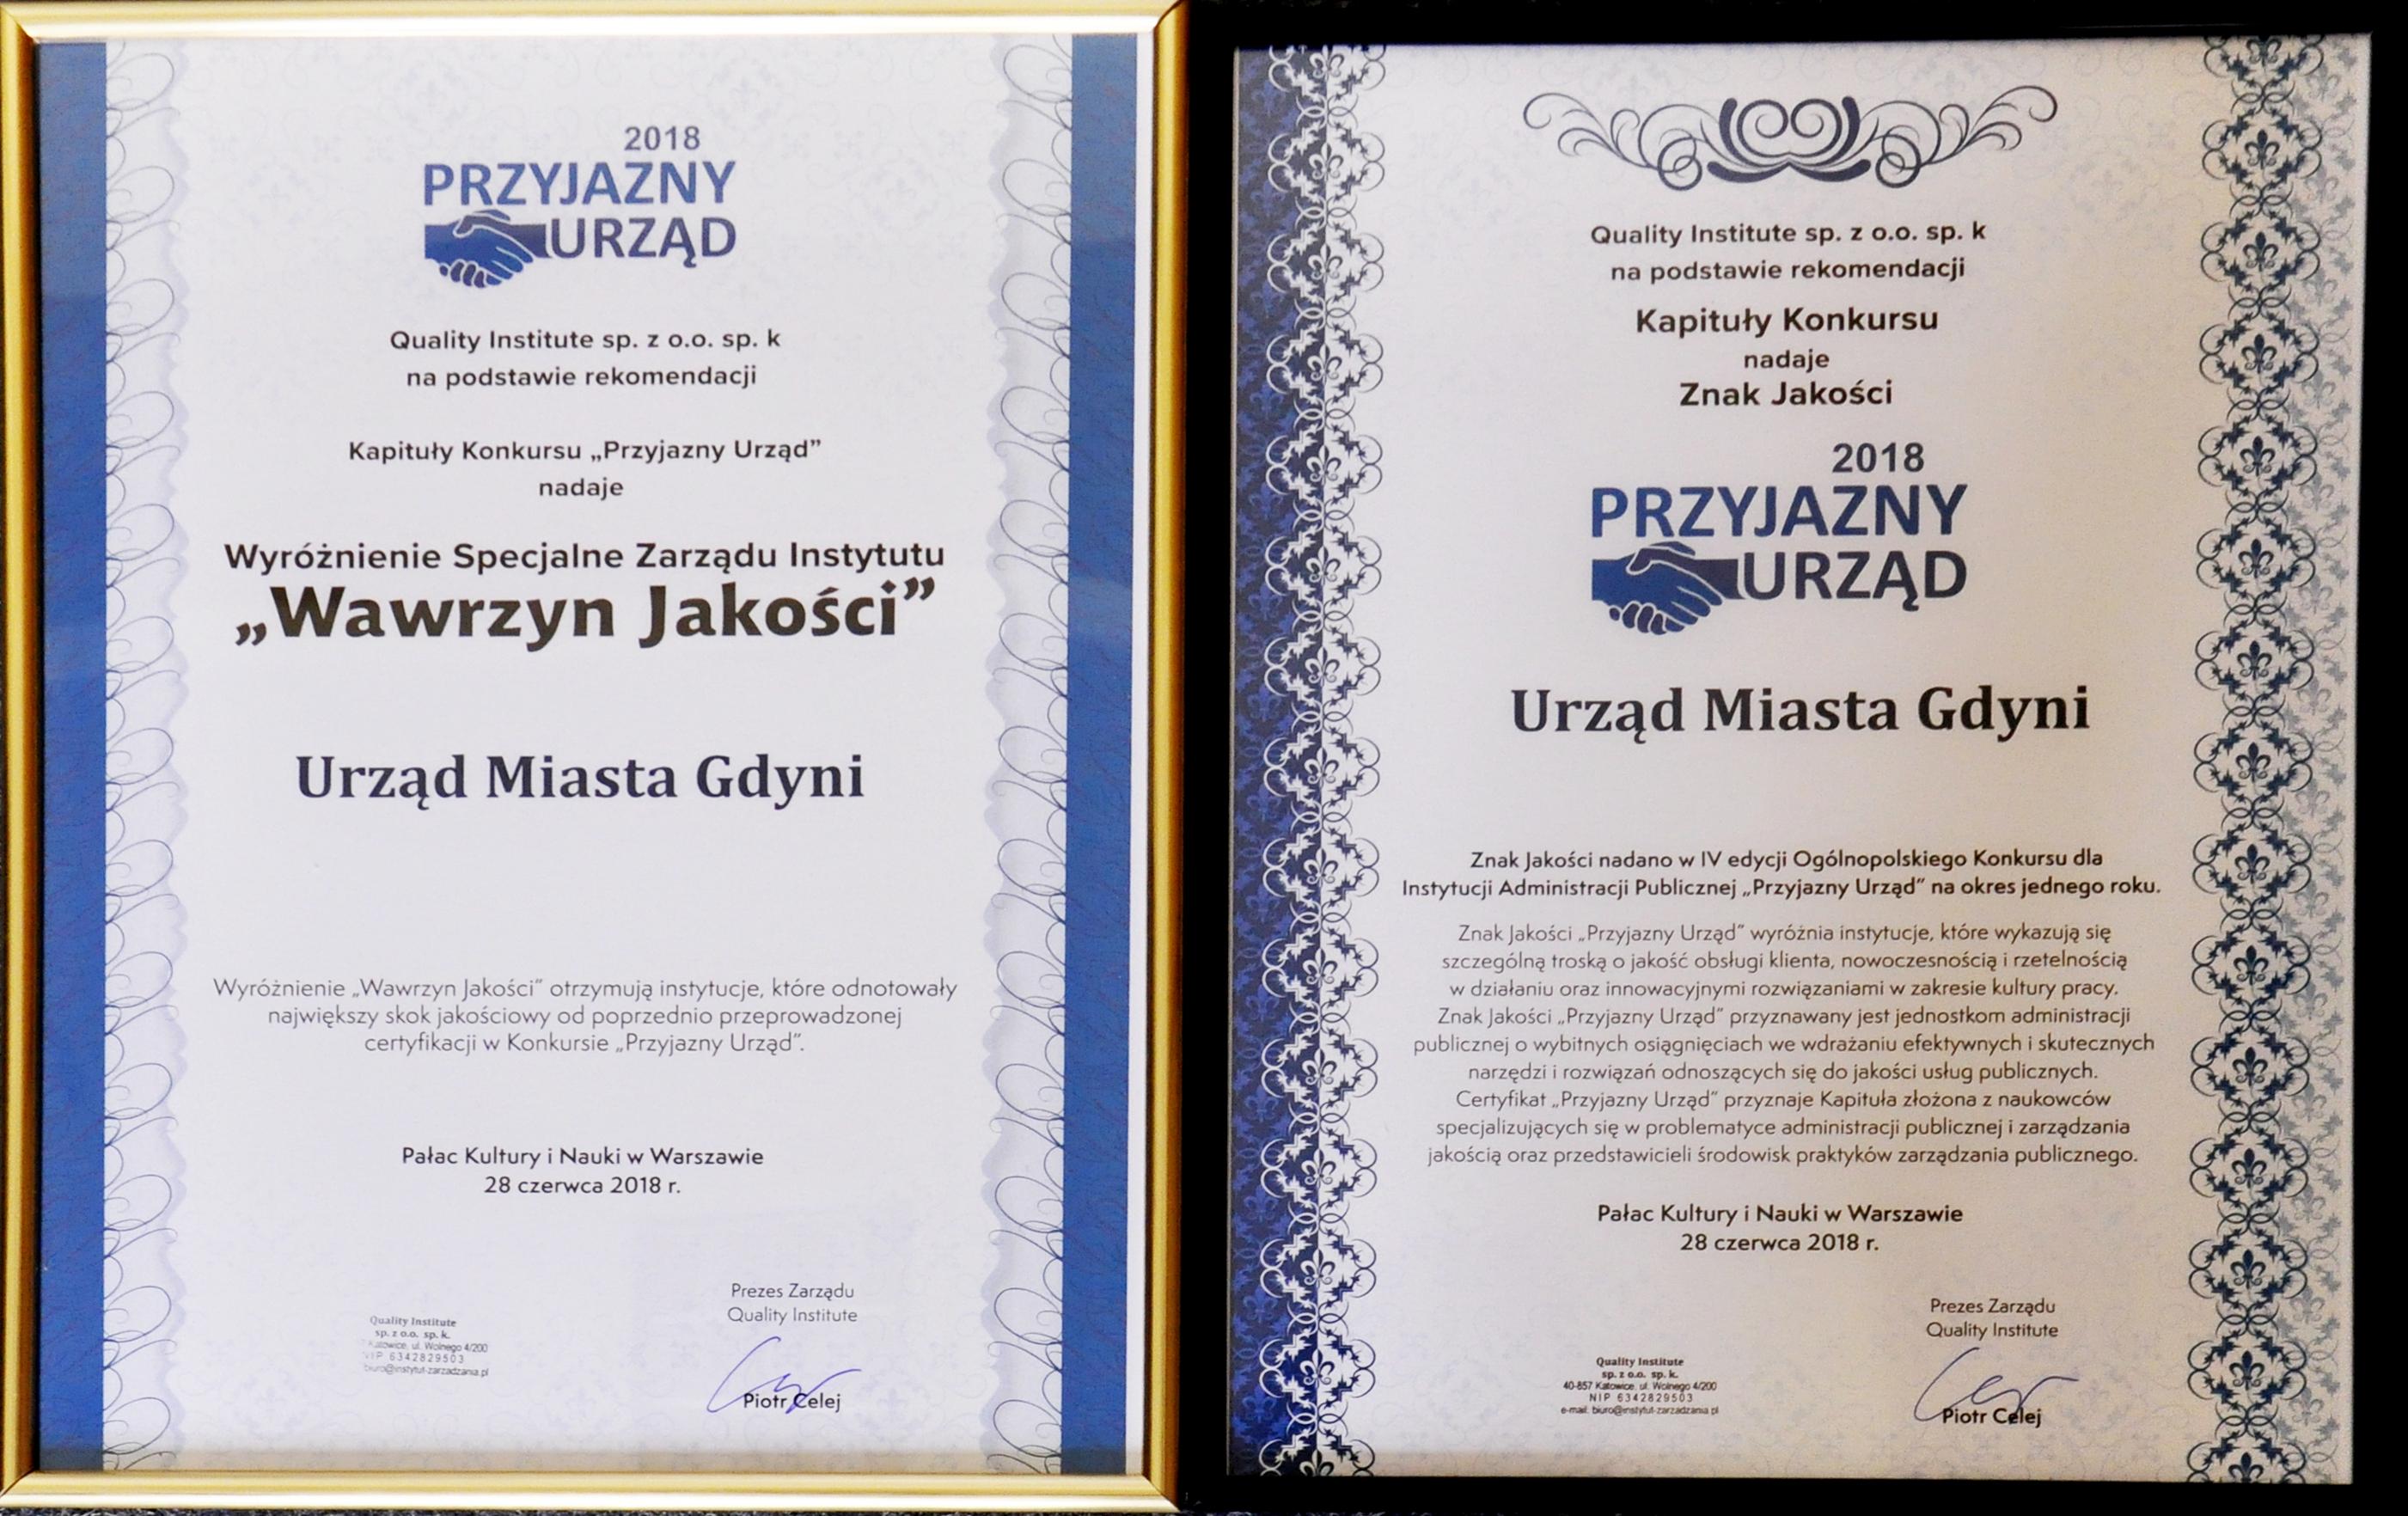 Dyplomy Przyjazny Urząd 2018